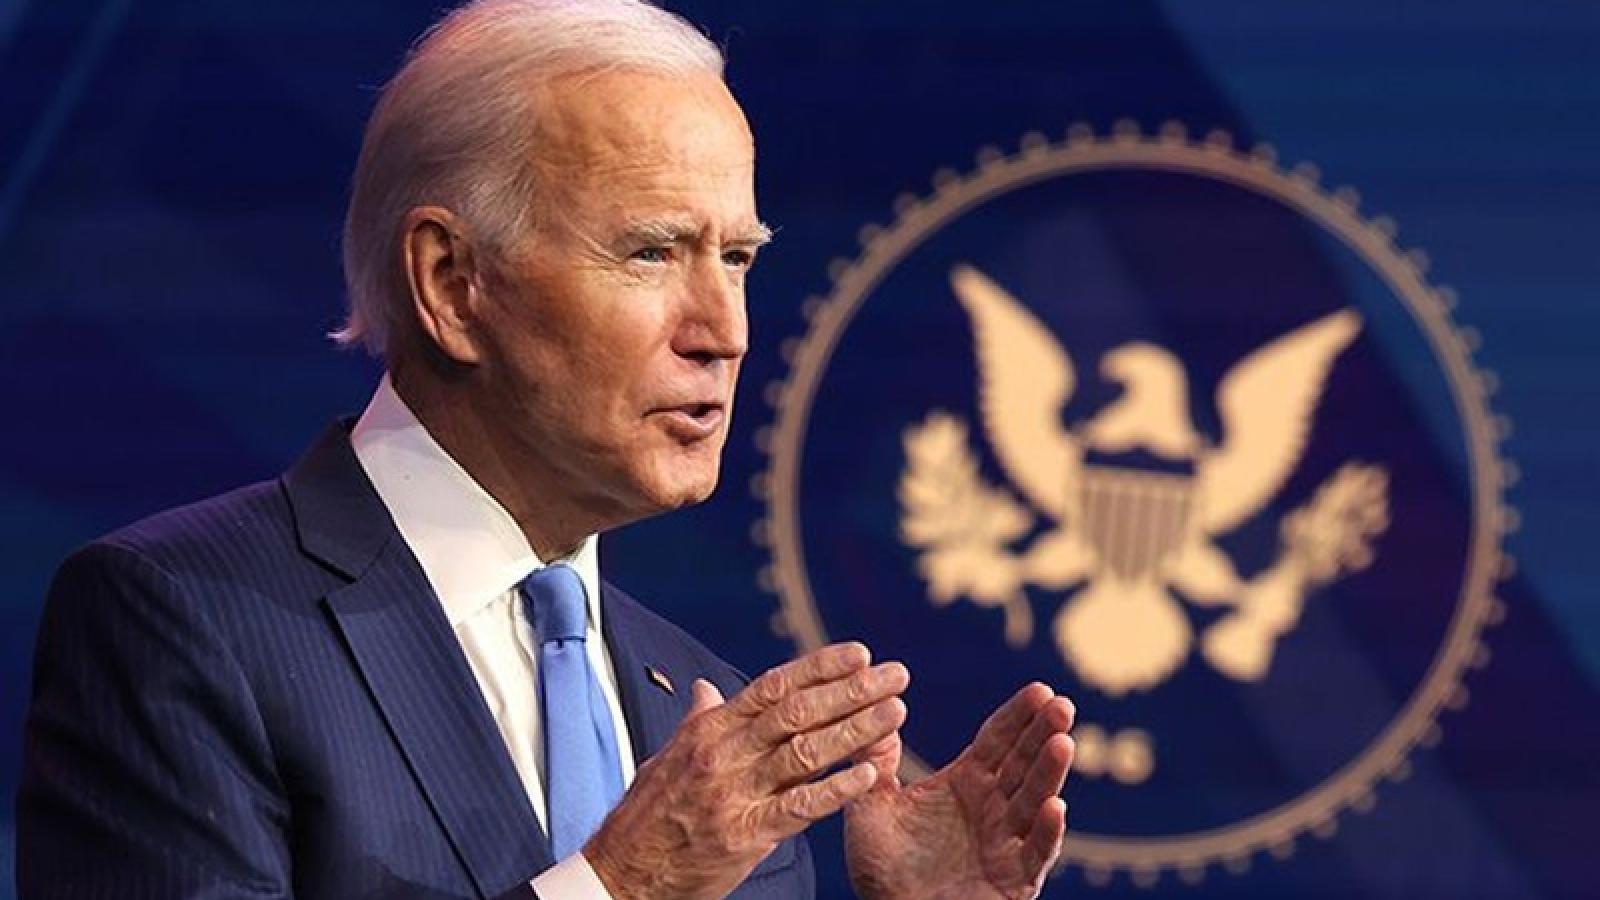 Joe Biden: Dân chủ thắng thế nhờ vào trận chiến giành linh hồn nước Mỹ